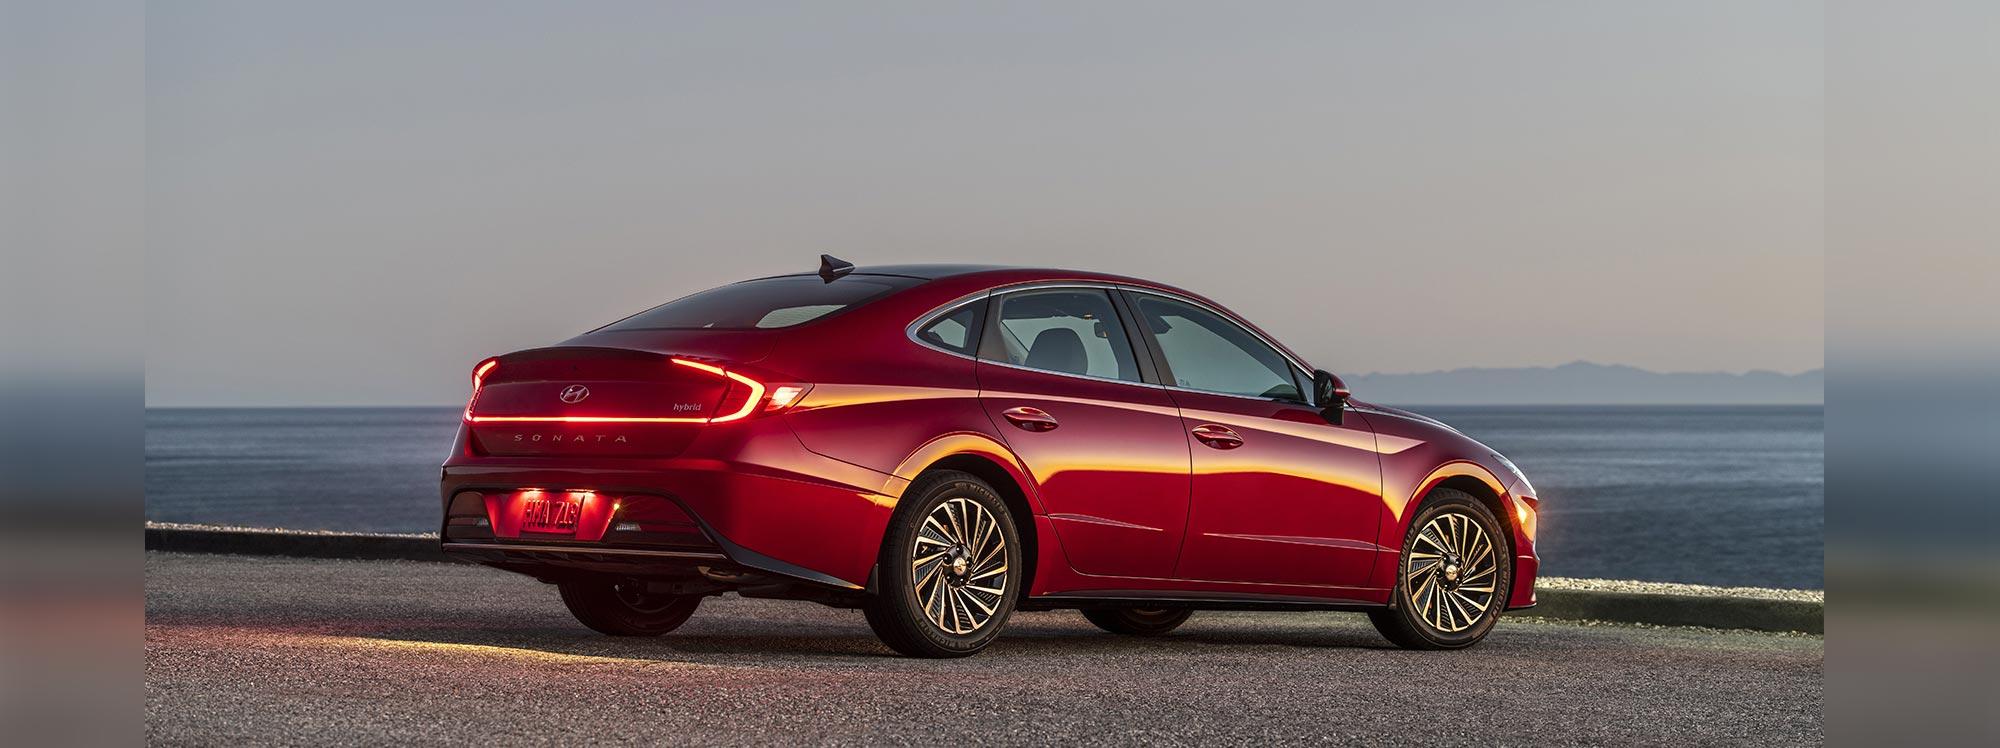 ¿Cuáles son los mejores vehículos familiares 2021?